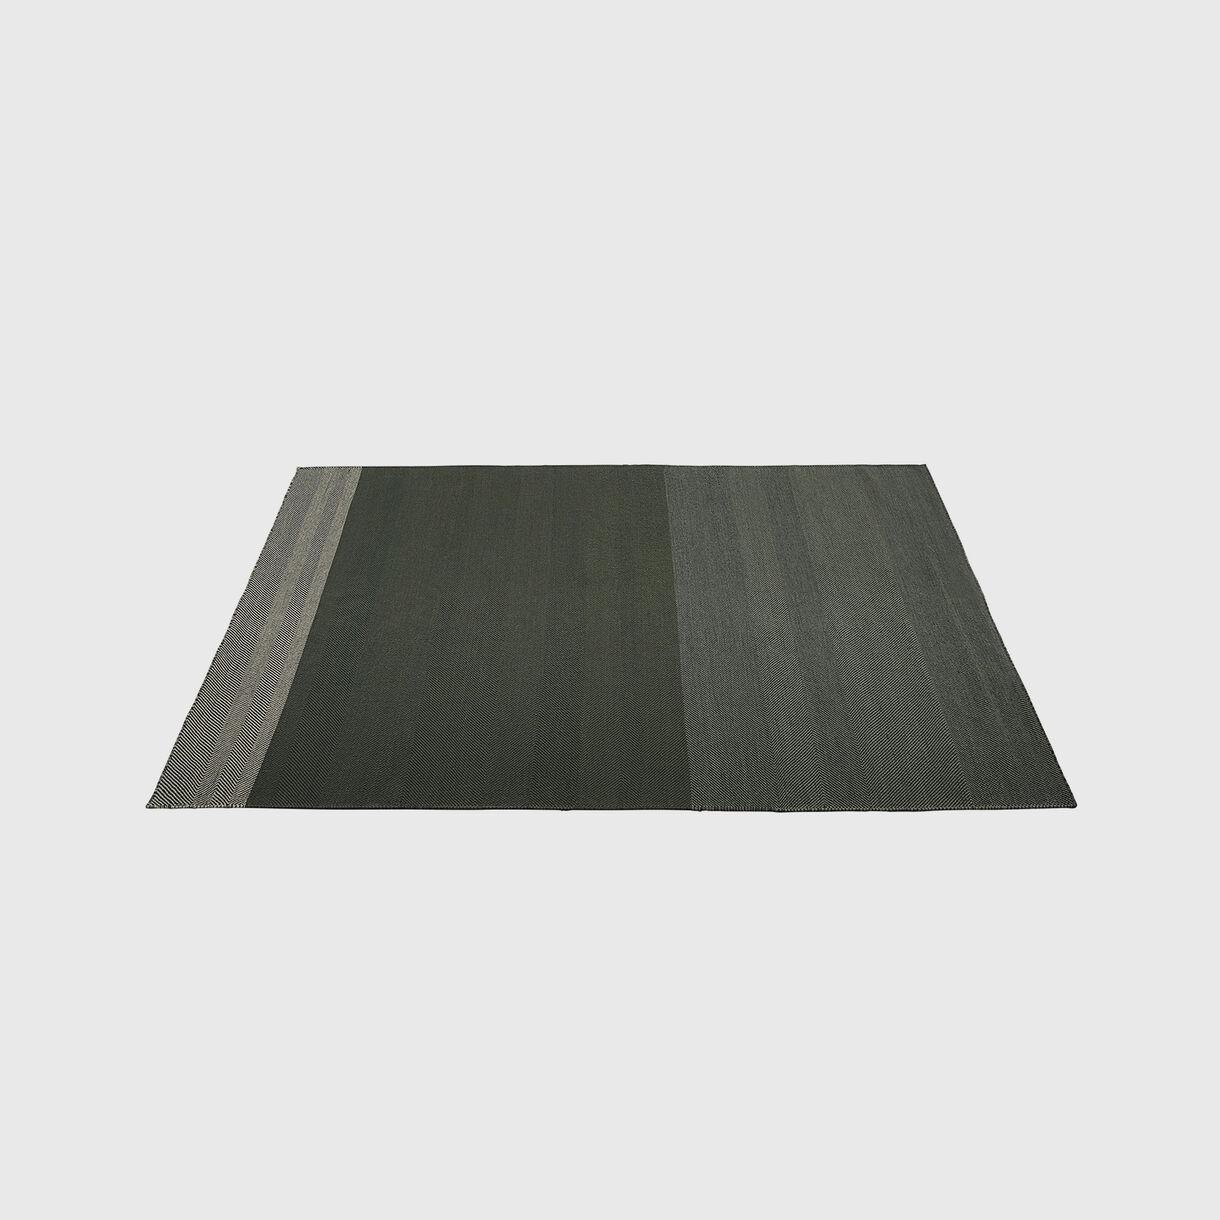 Varjo Rug 200x300cm, Dark Green